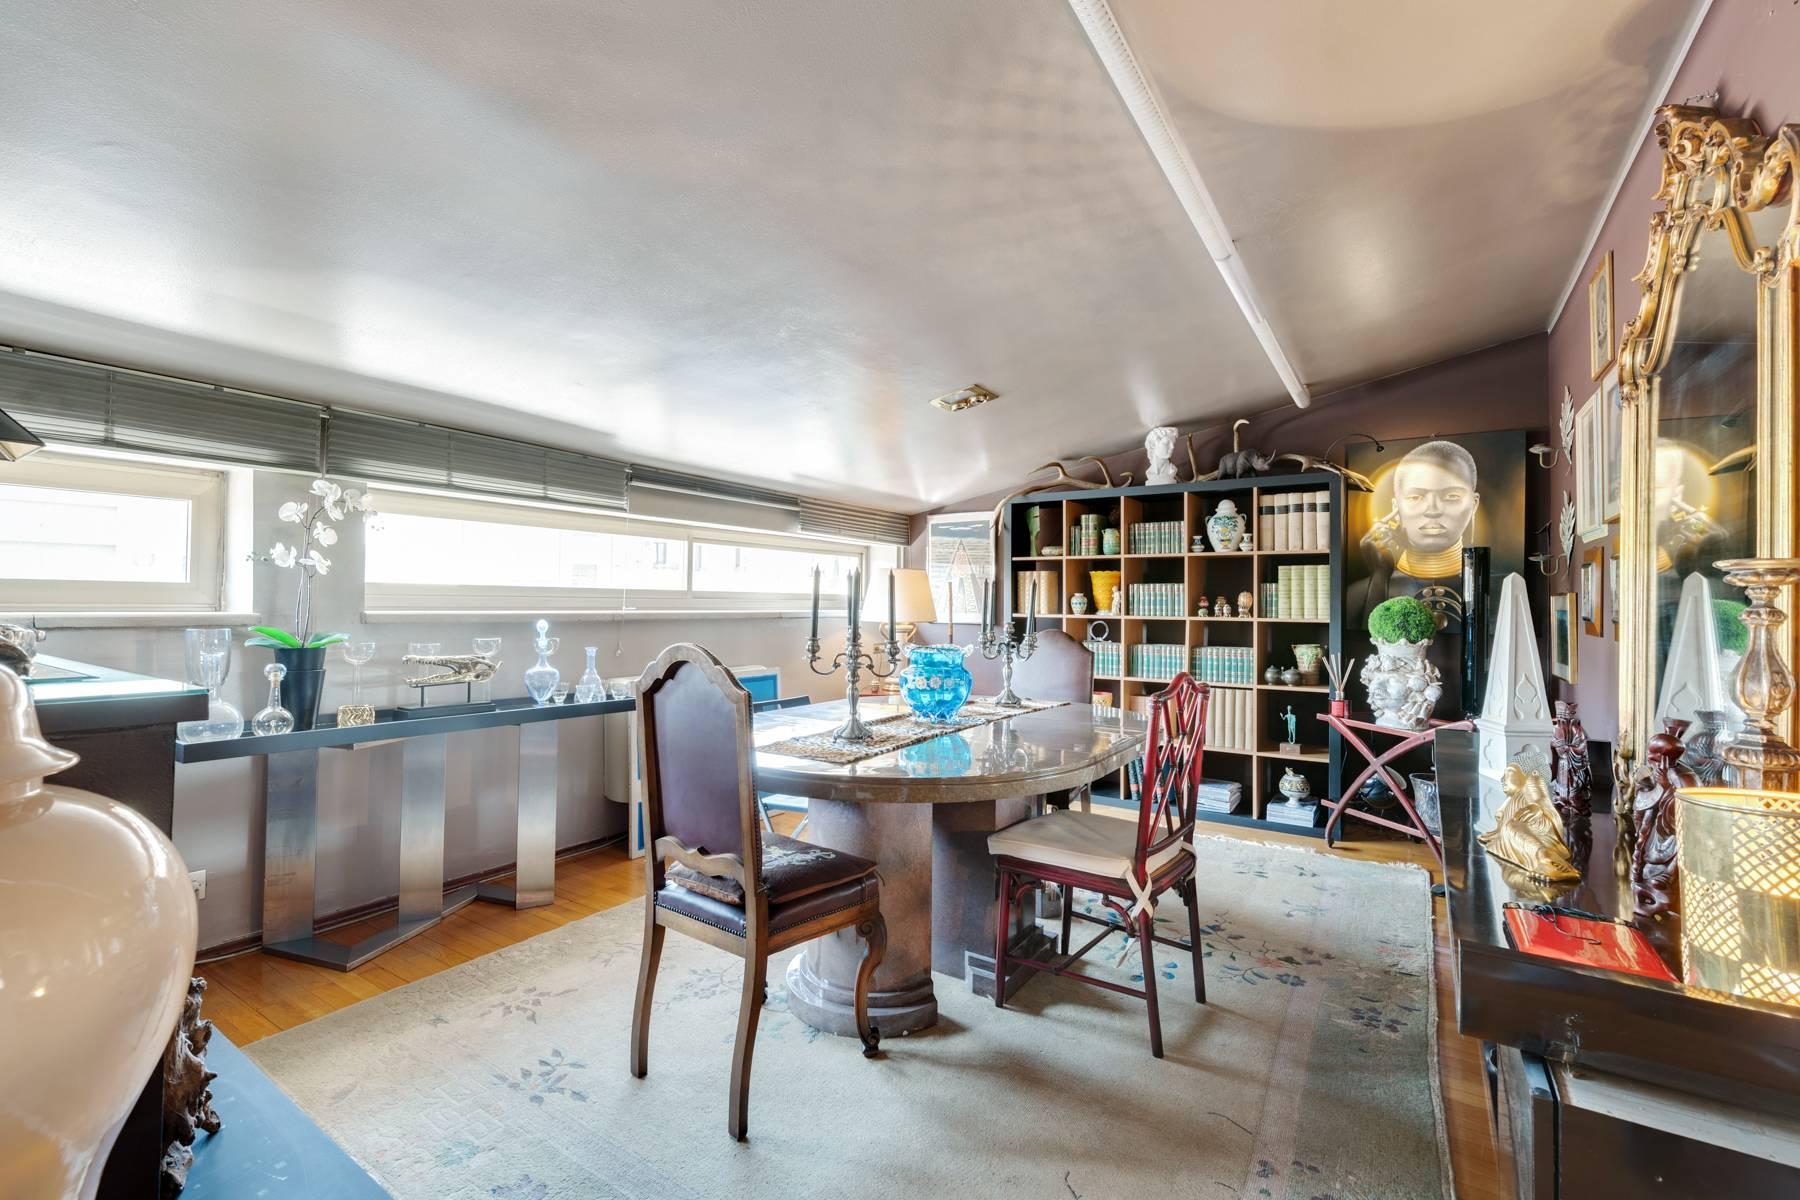 Appartamento in Vendita a Torino: 4 locali, 124 mq - Foto 10